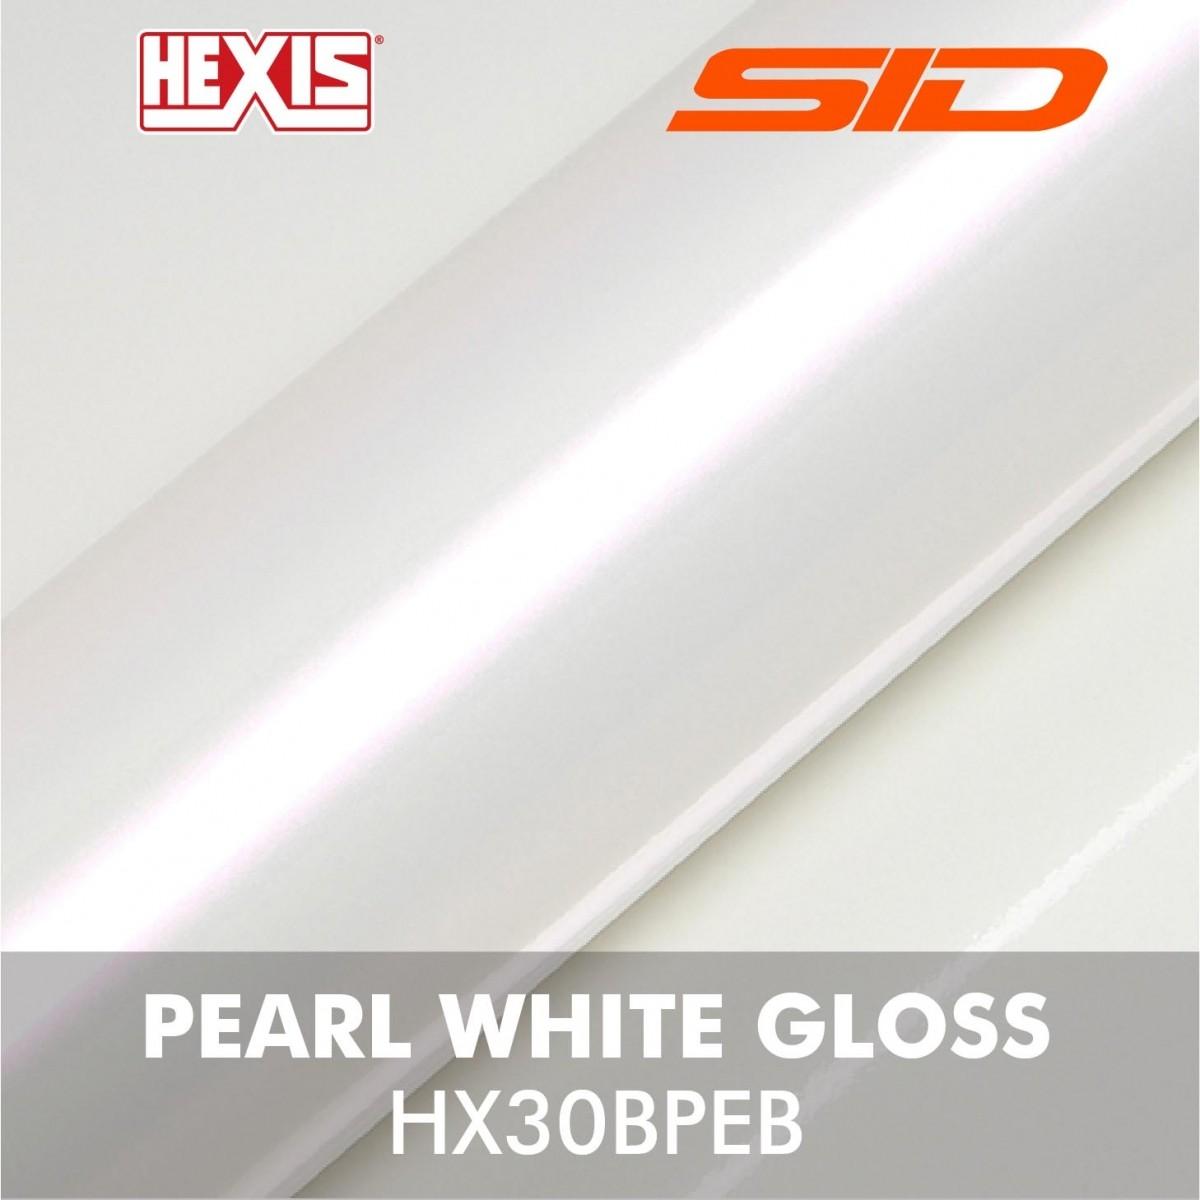 HEXIS - Série HX30000 - Rolo Fechado